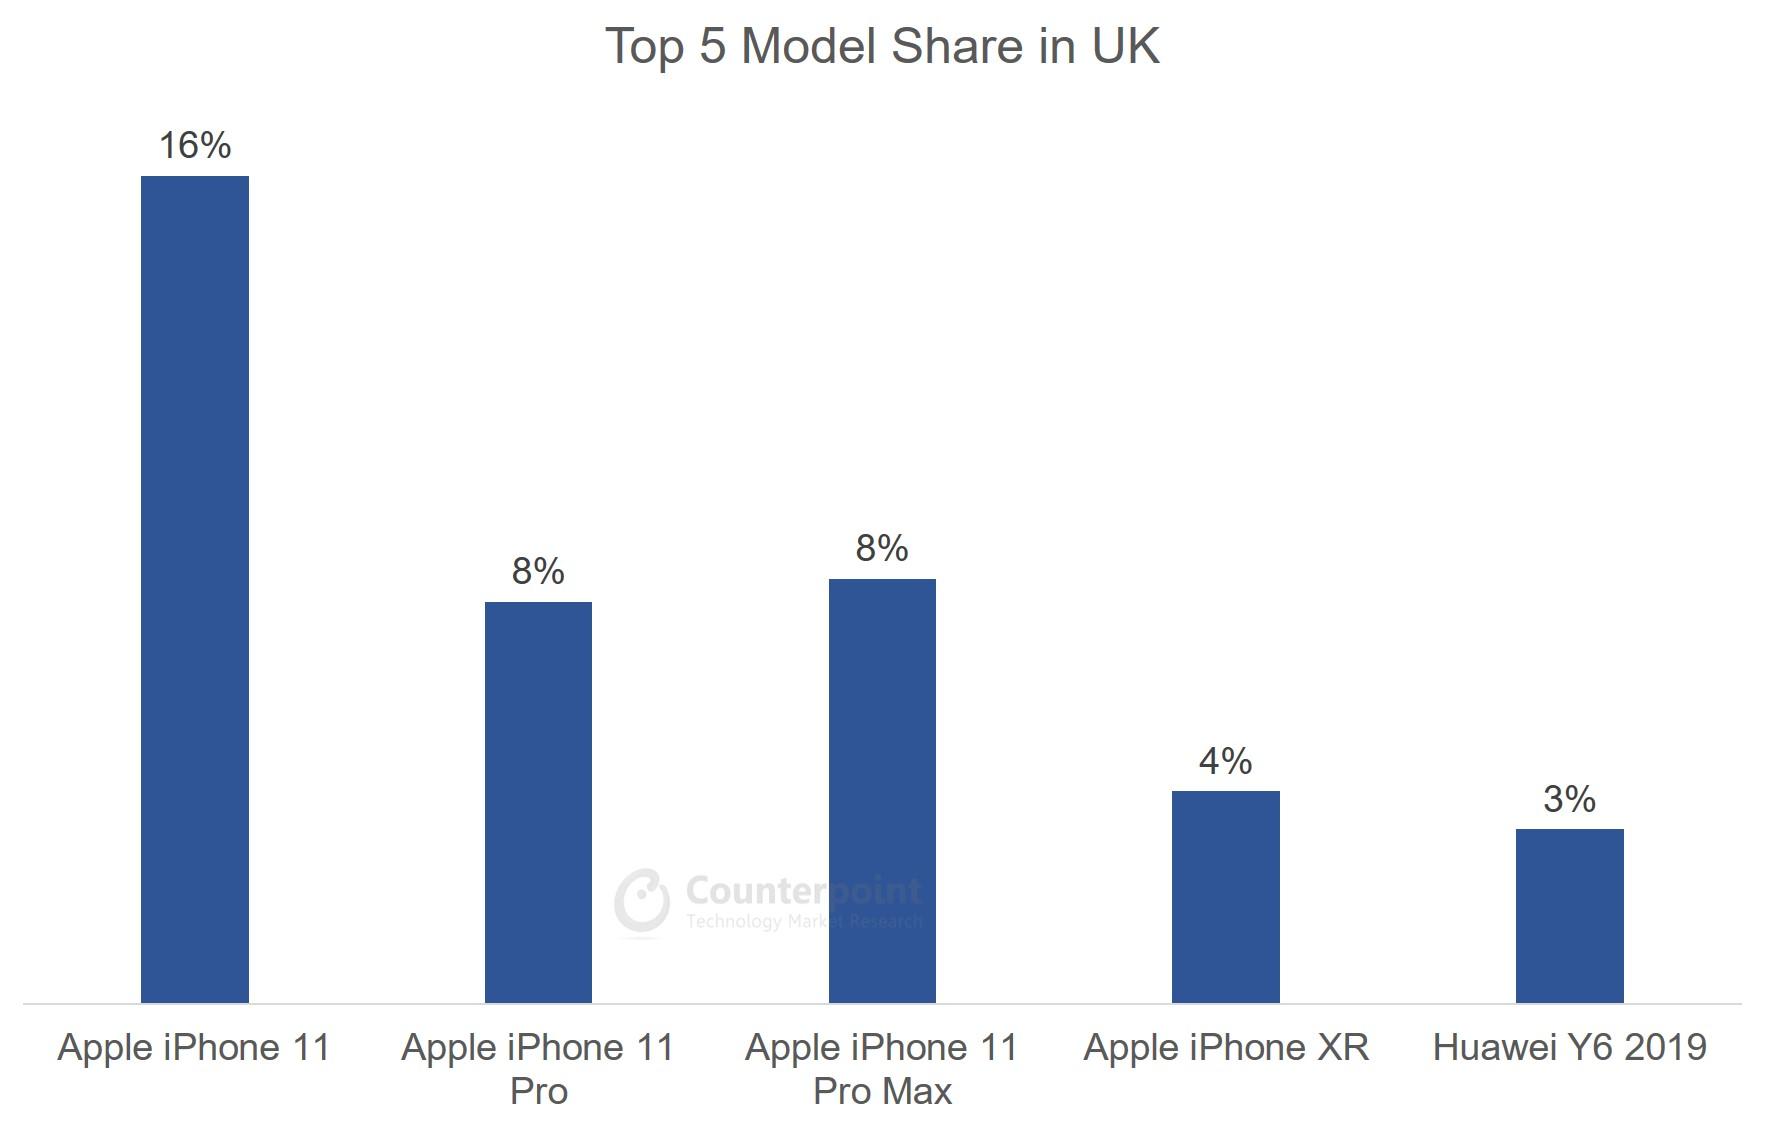 UK Top 5 Model Share Jan 2020